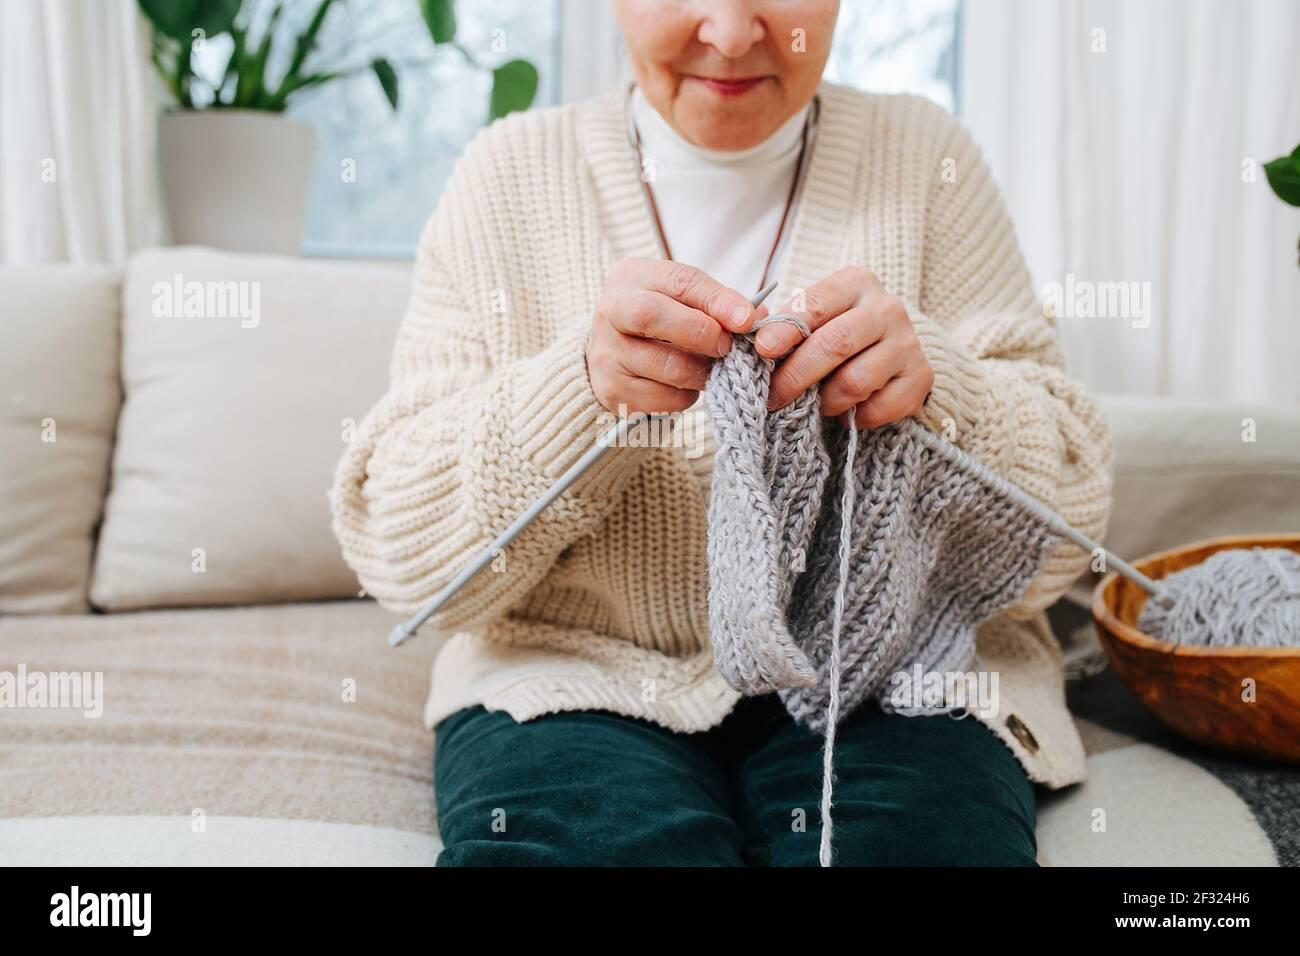 Joyeux granny assis sur un canapé à la maison, tricotage avec des aiguilles, avec de la laine grise. Pantacourt, demi-visage. Banque D'Images